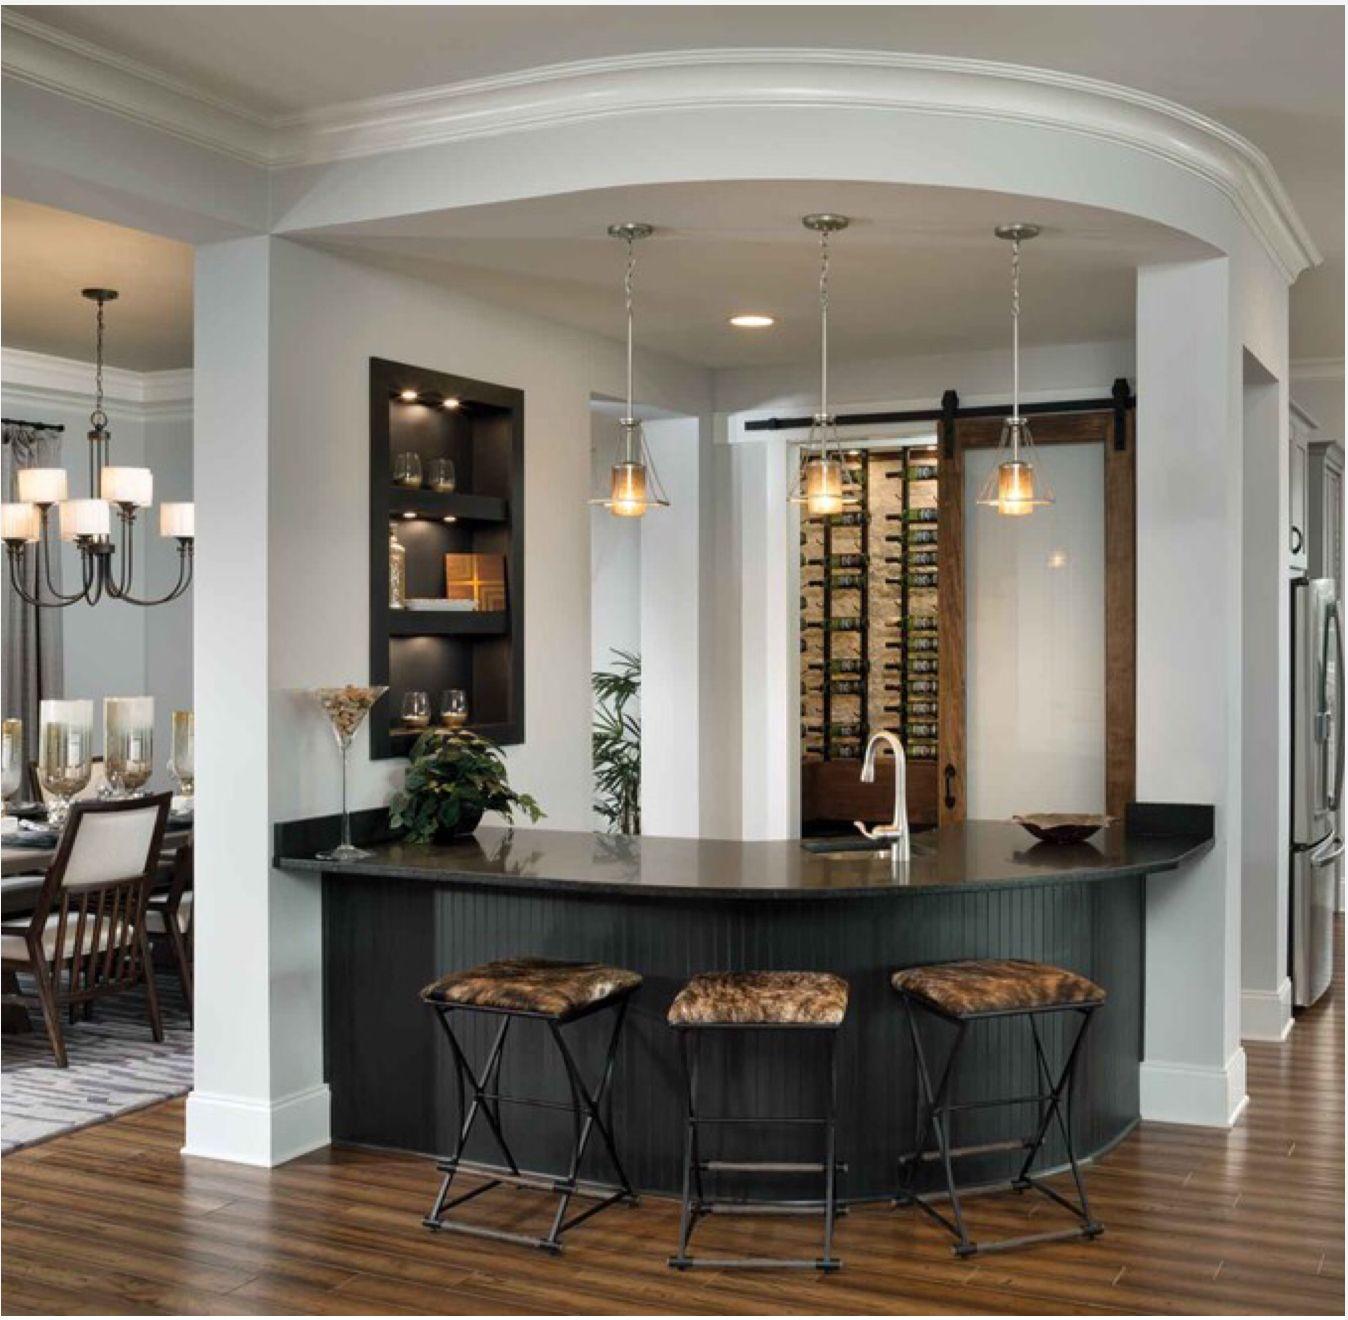 Interior Design Ideas For Home Bar: Pin By Regina Koukios On Decor